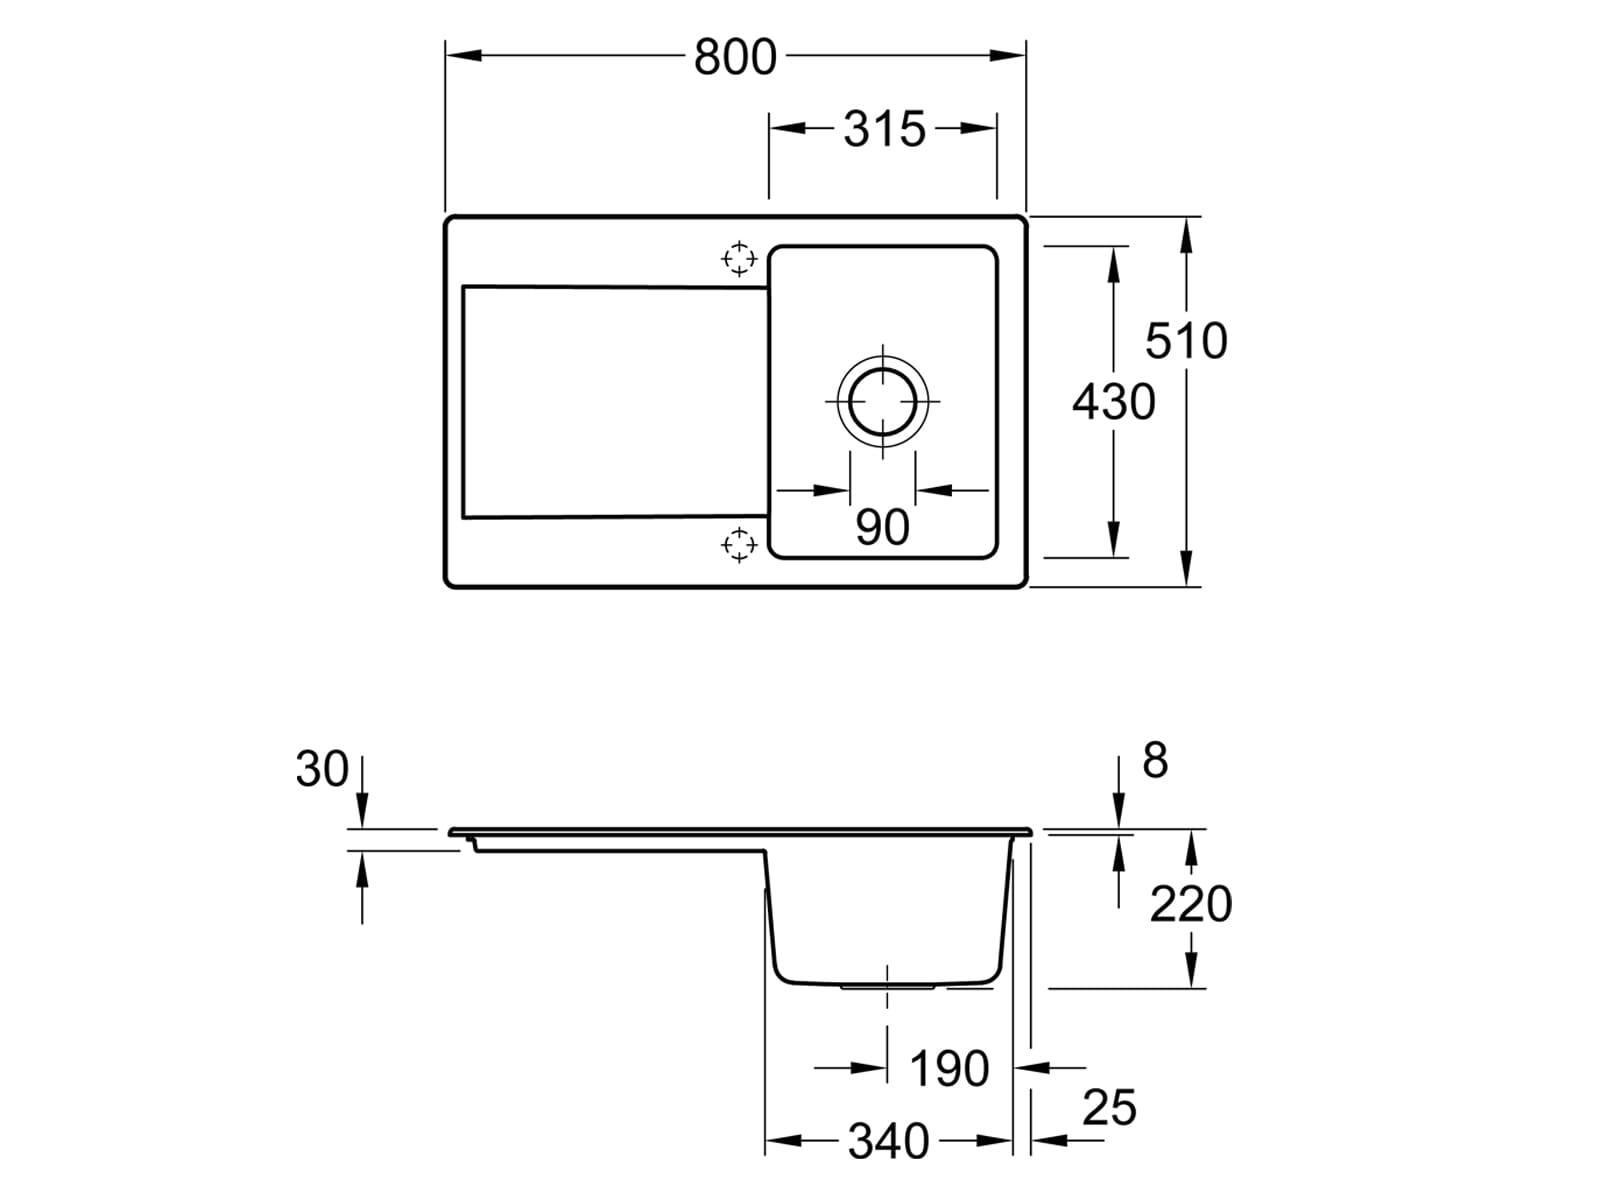 Villeroy & Boch Siluet 45 - 3334 01 S5 Ebony Keramikspüle Handbetätigung